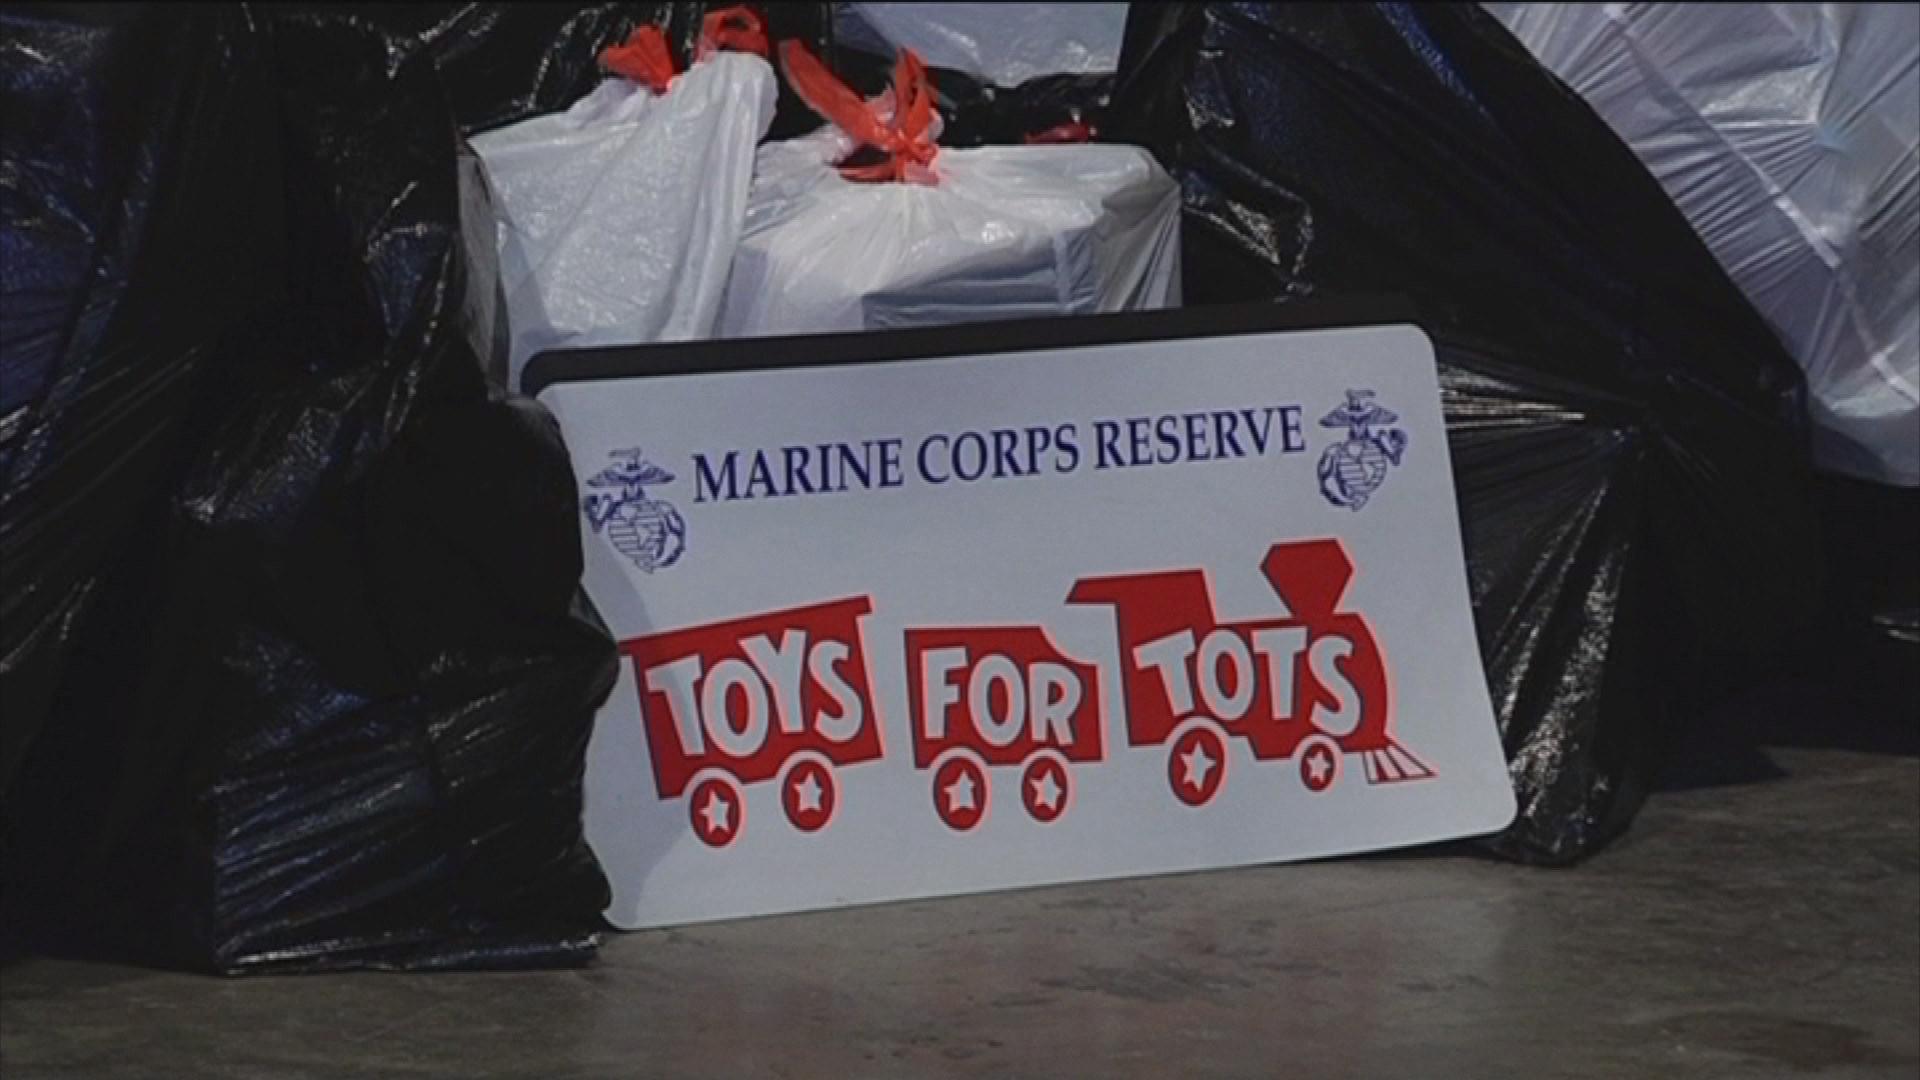 Toys For Tots Registration : Toys for tots registration begins wvva tv bluefield